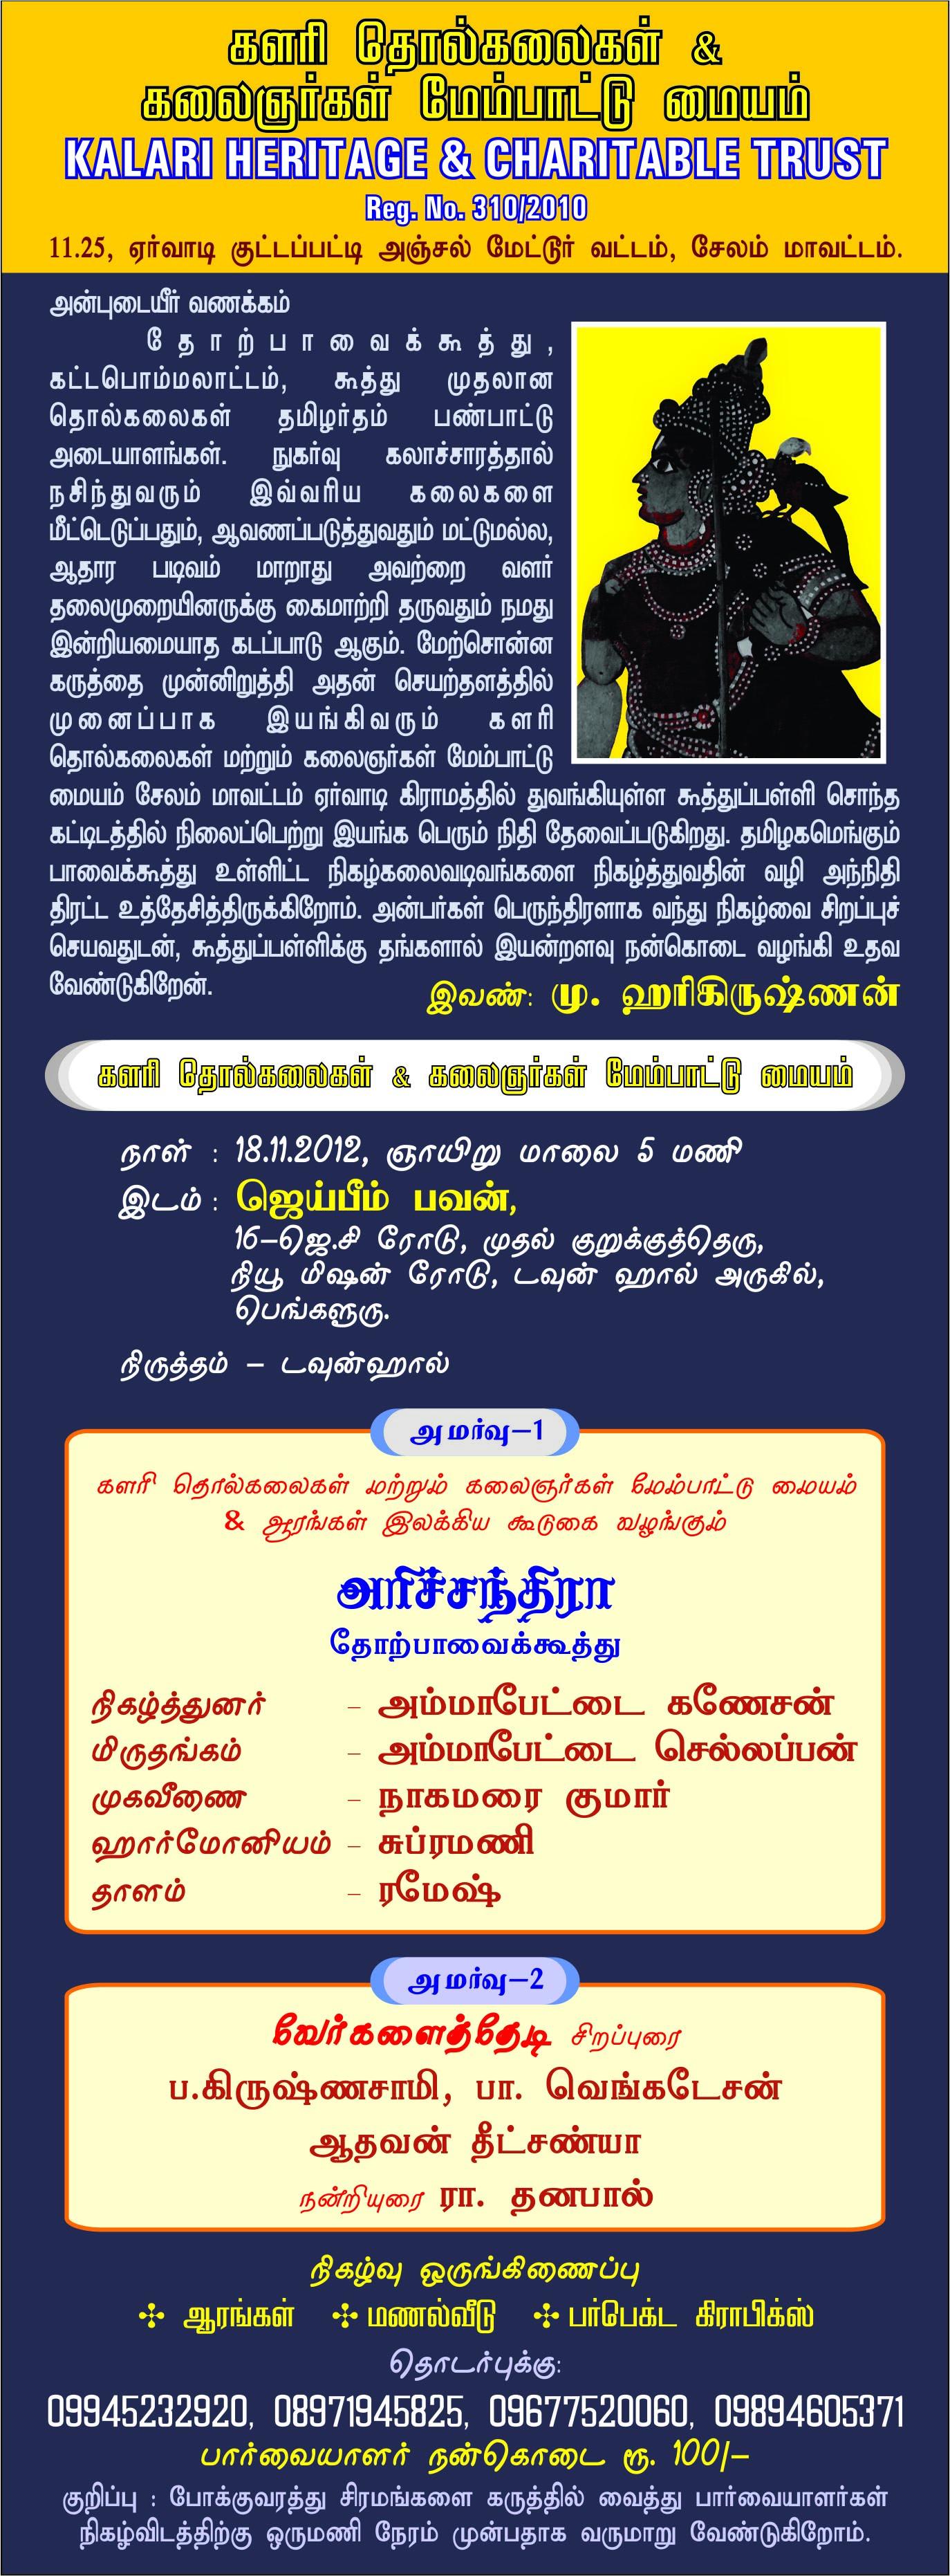 களரி தொல்கலைகள் கலைஞர்கள் மேம்பாட்டு மையம்